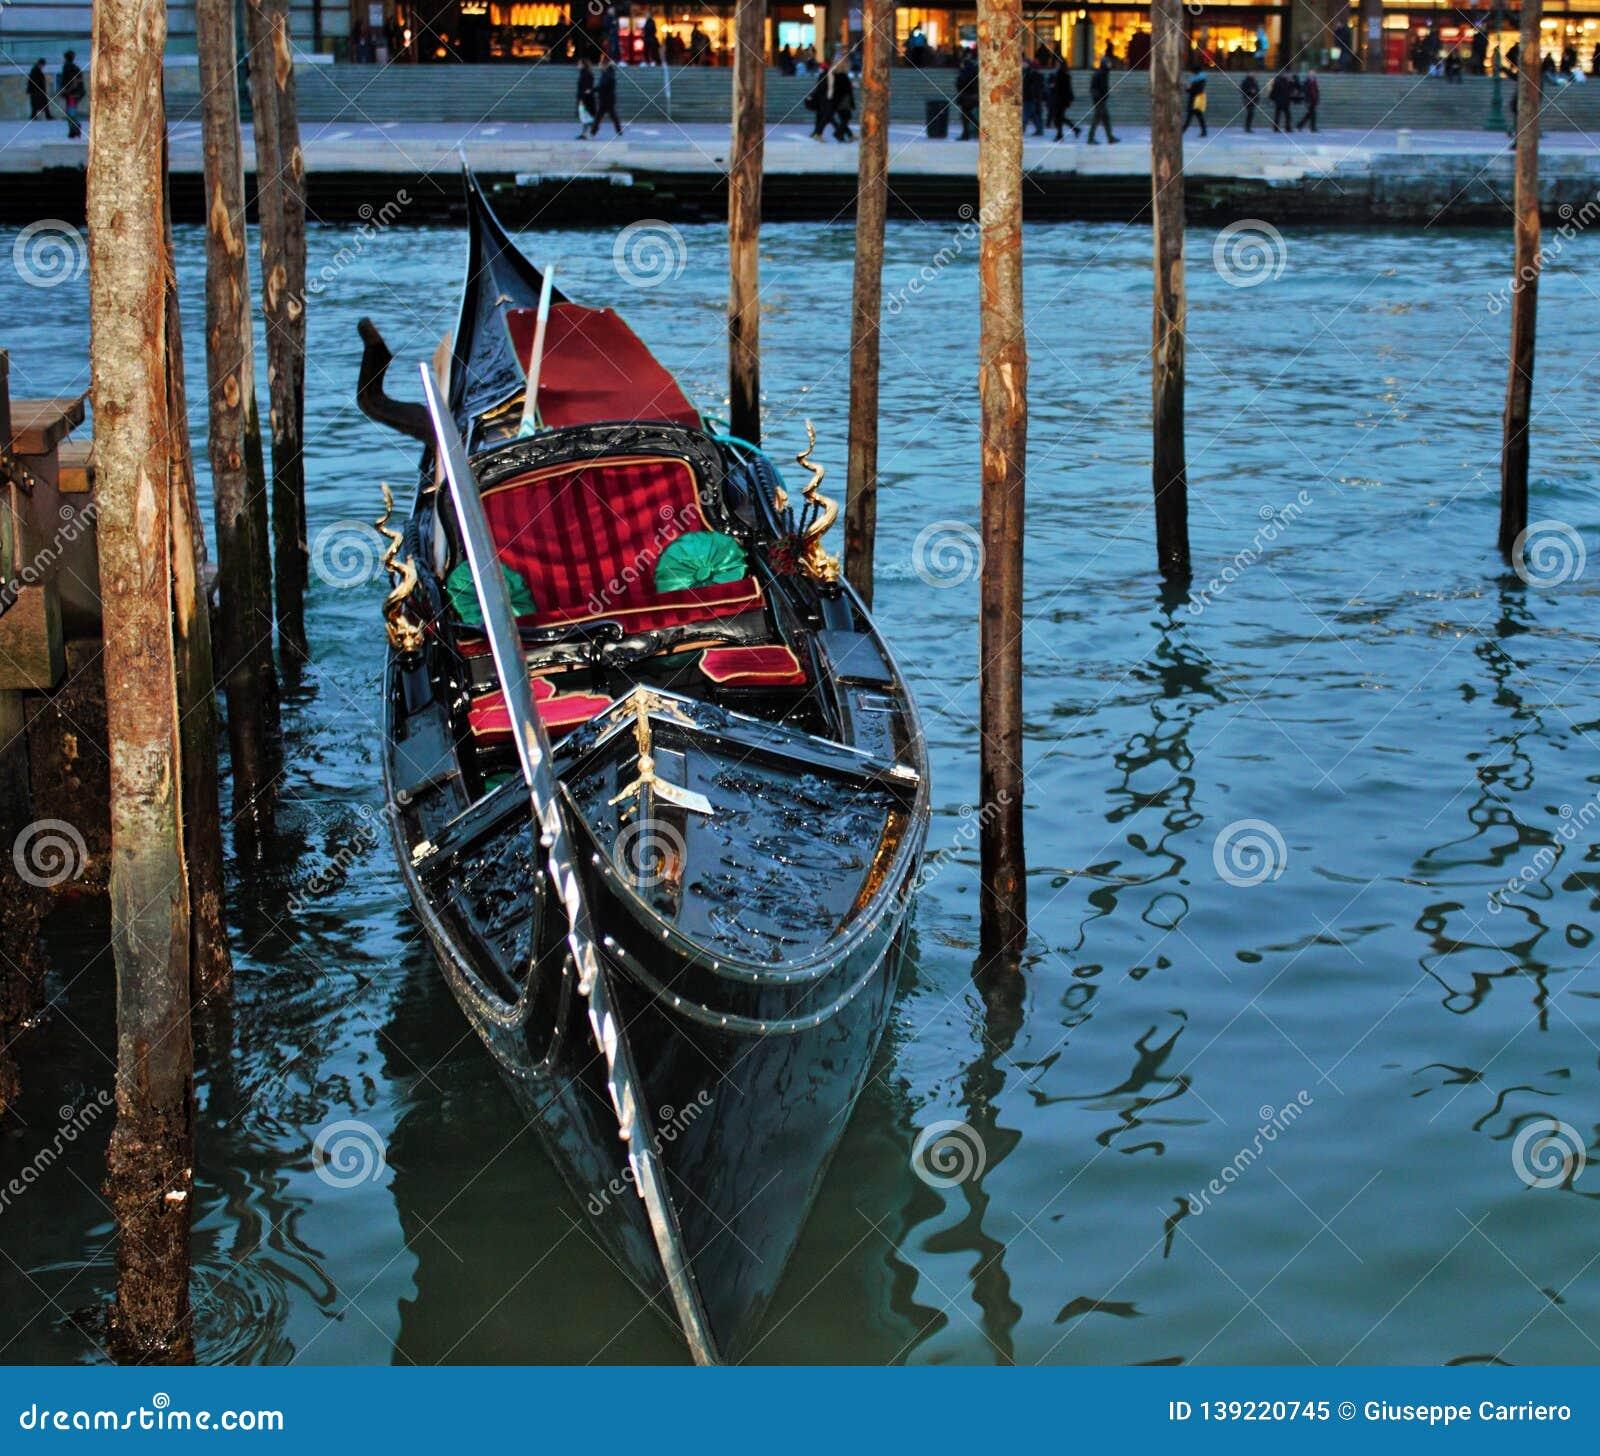 Gondola attraccata vicino alla stazione ferroviaria di Venezia